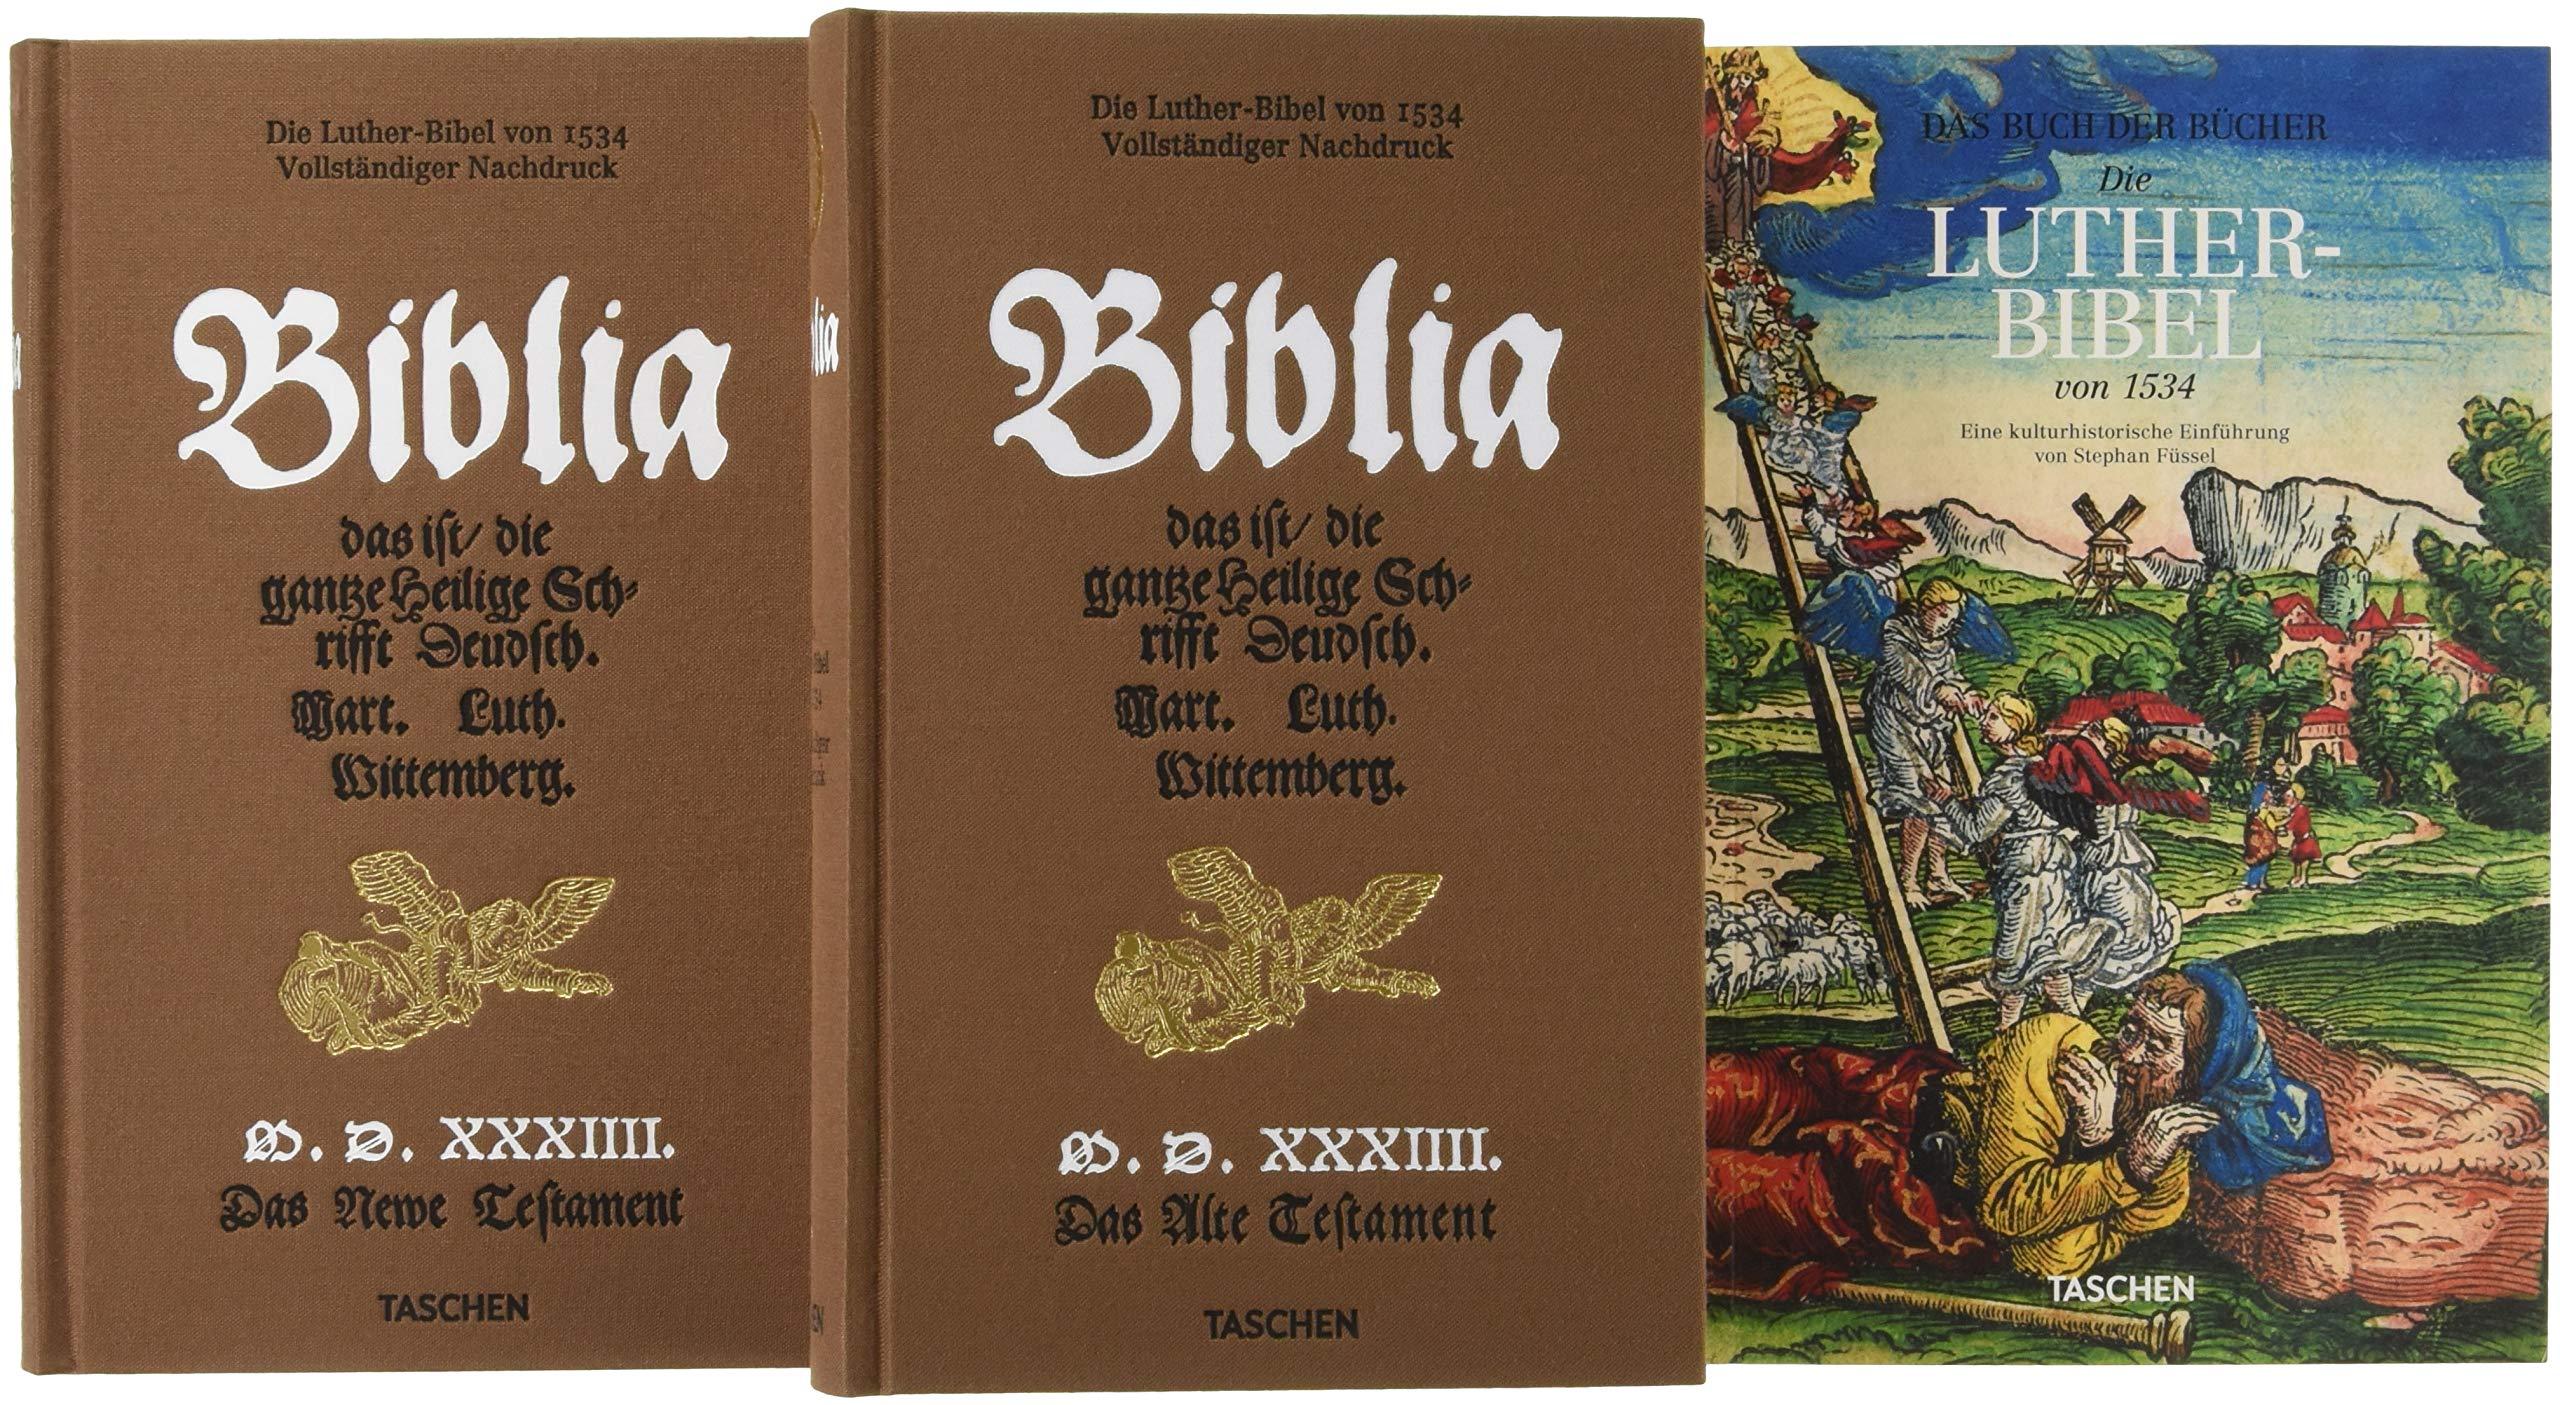 Die Luther-Bibel von 1534